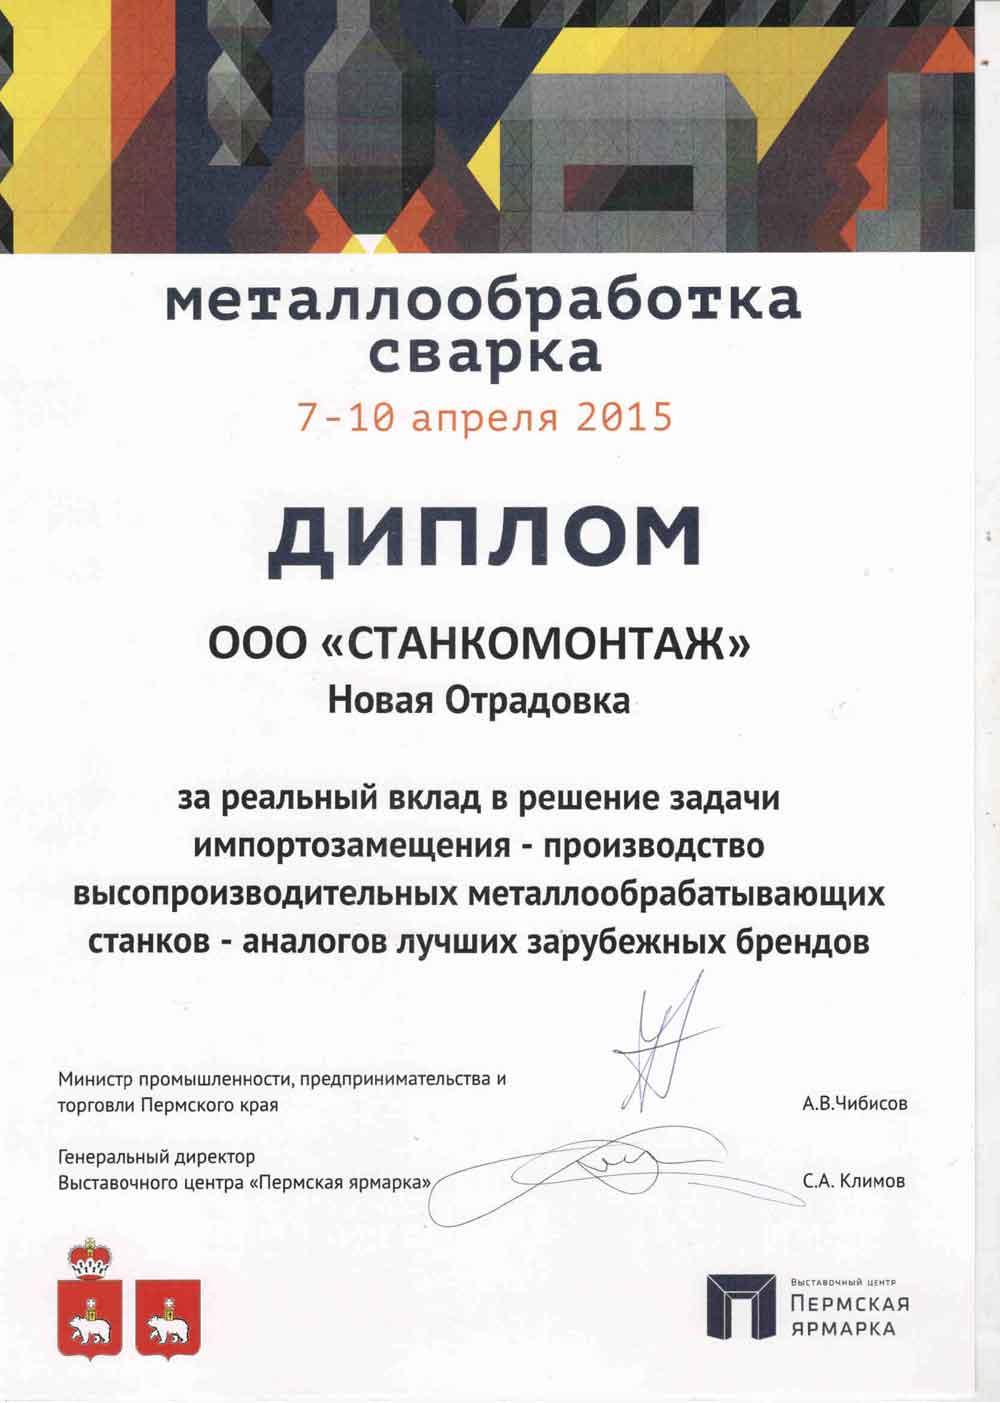 Дипломы за участие на выставках ОАО Станкомонтаж  Диплом за участие в выставке Пермская ярмарка г Пермь